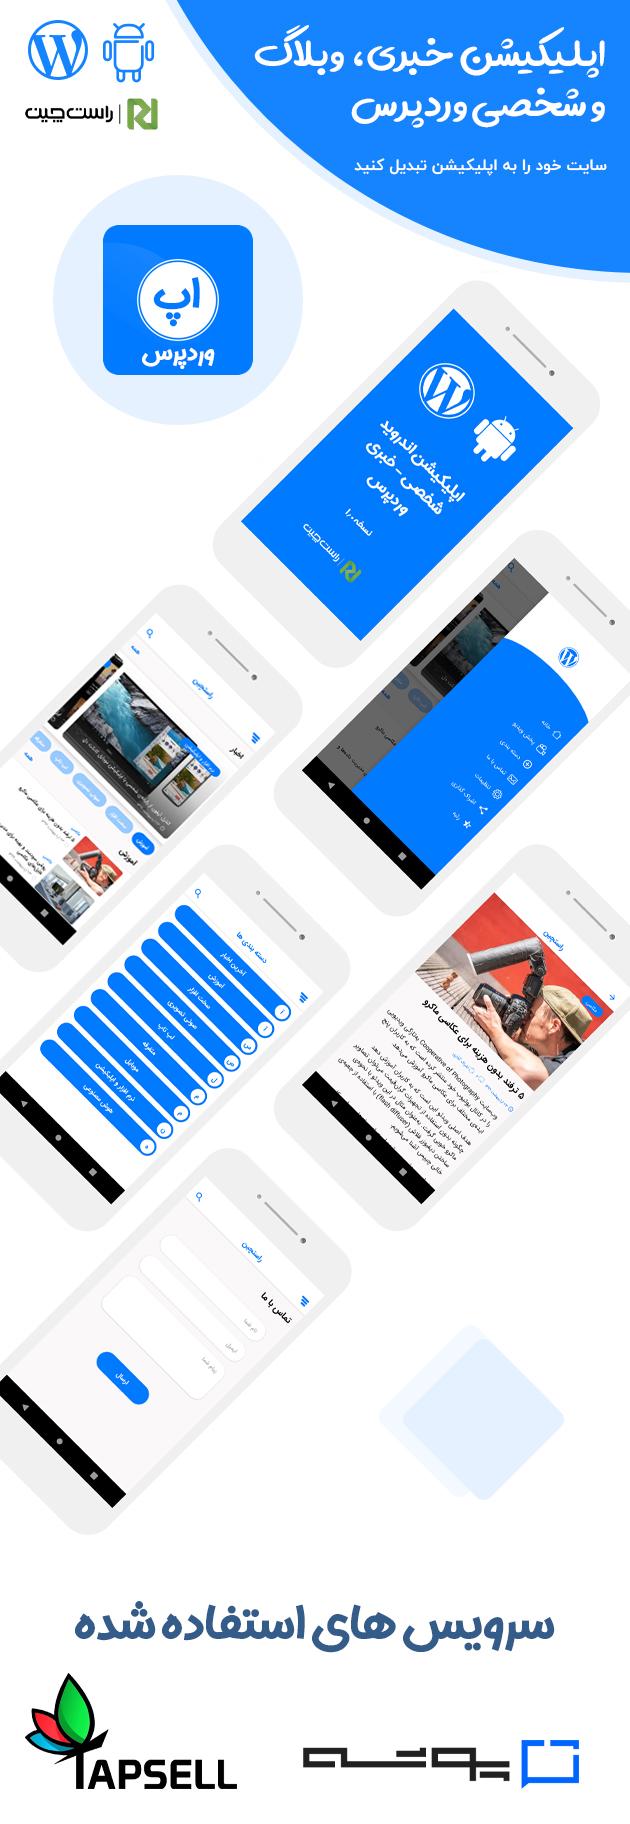 ویژگی های اپلیکیشن خبری وردپرس WP News، اپلیکیشن خبری و بلاگ برای اندروید